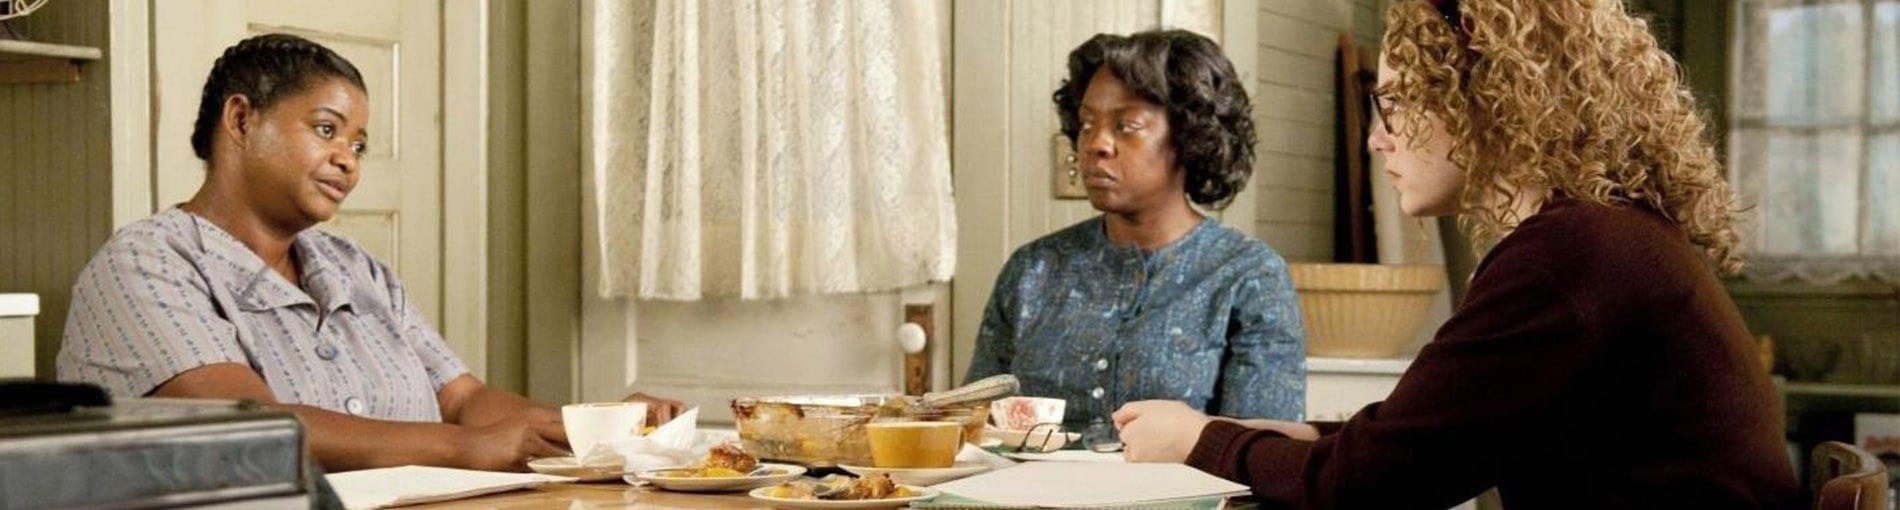 TOP: películas temas raciales